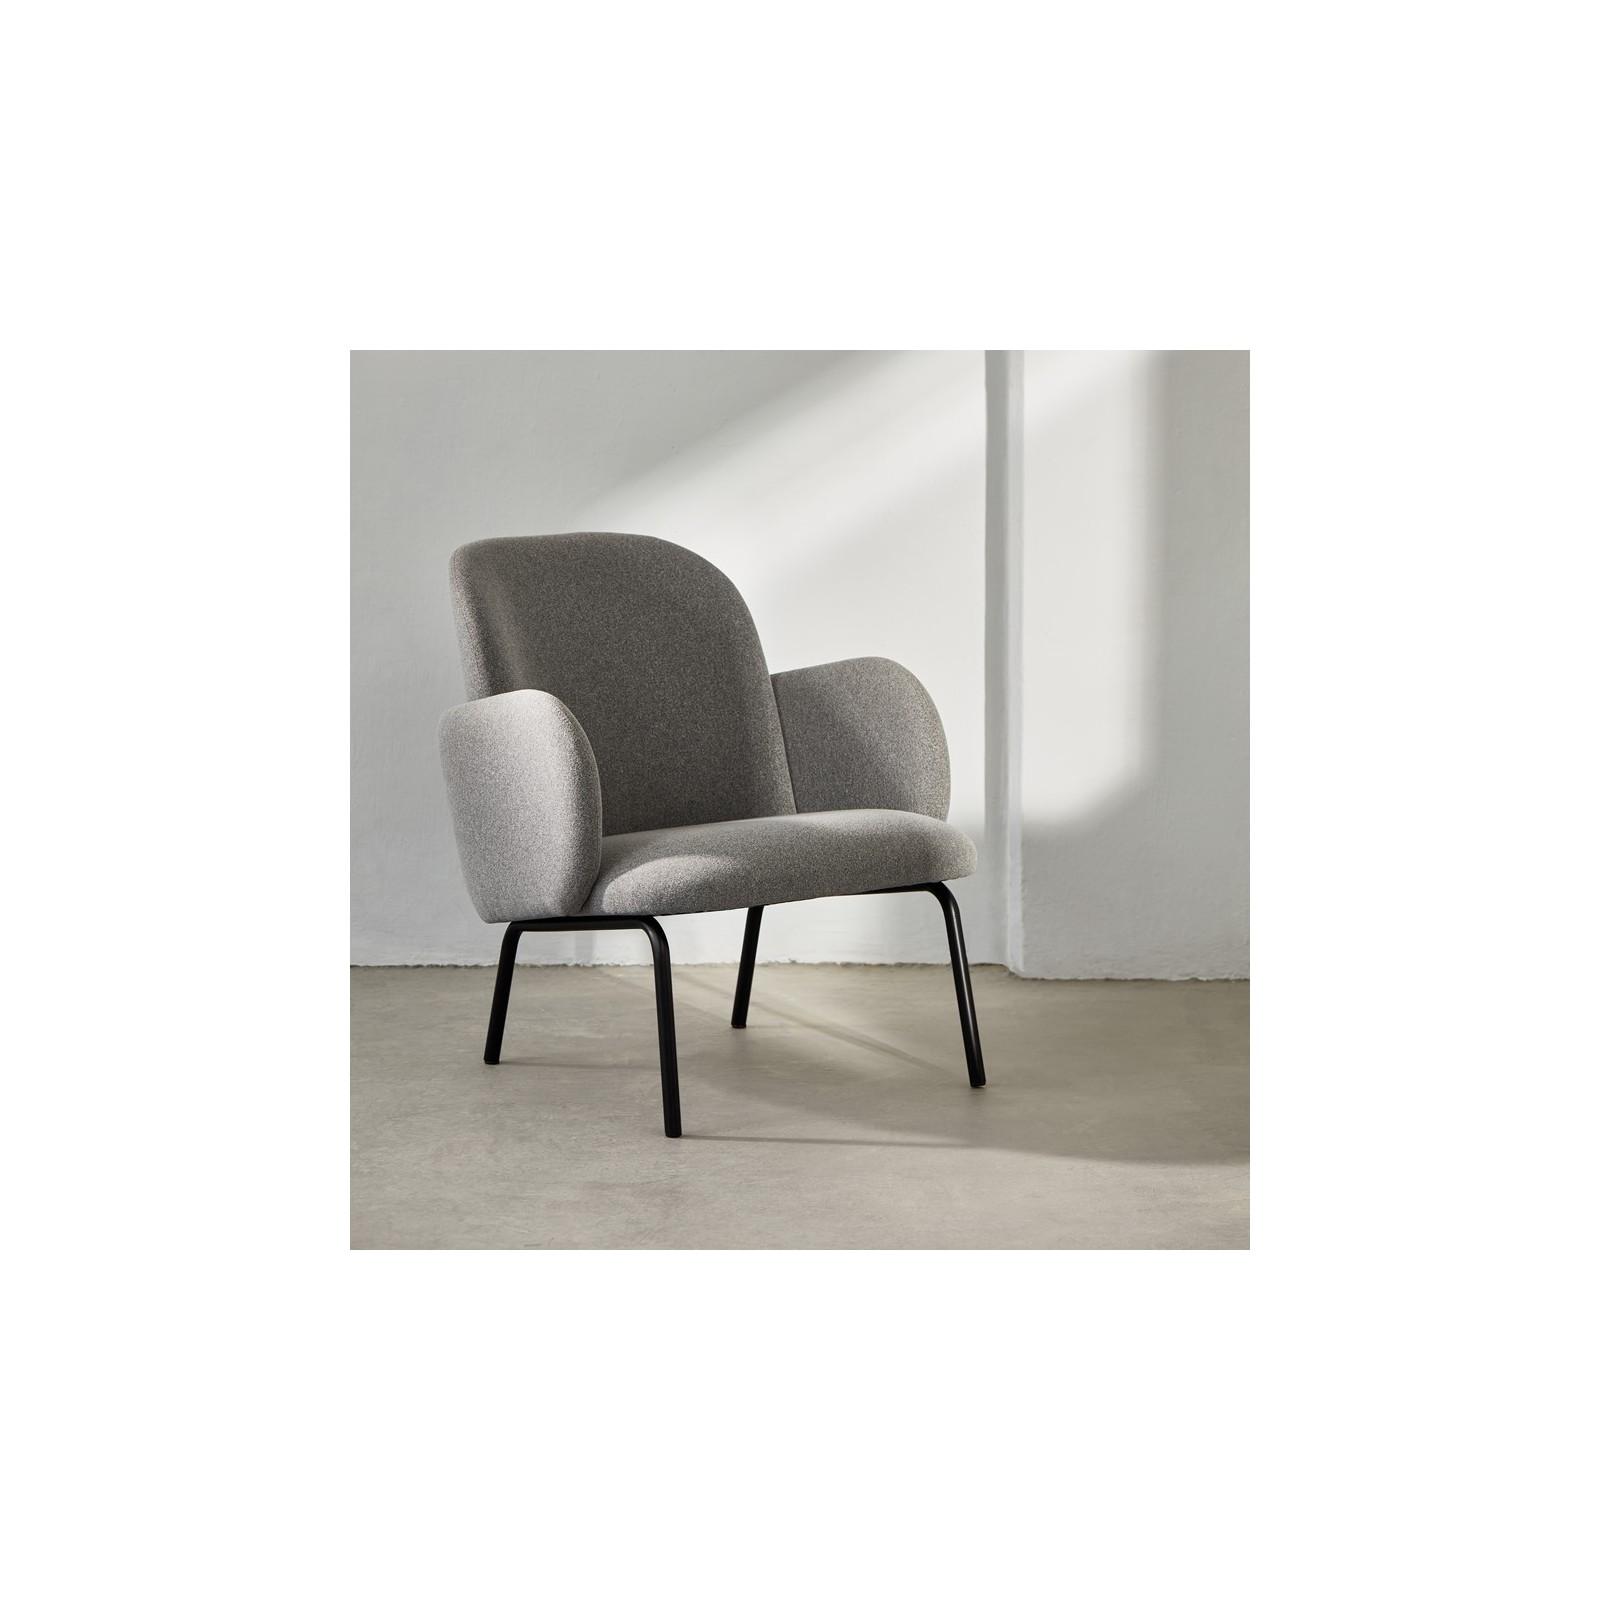 Fauteuil Confort gris clair Arne Concept